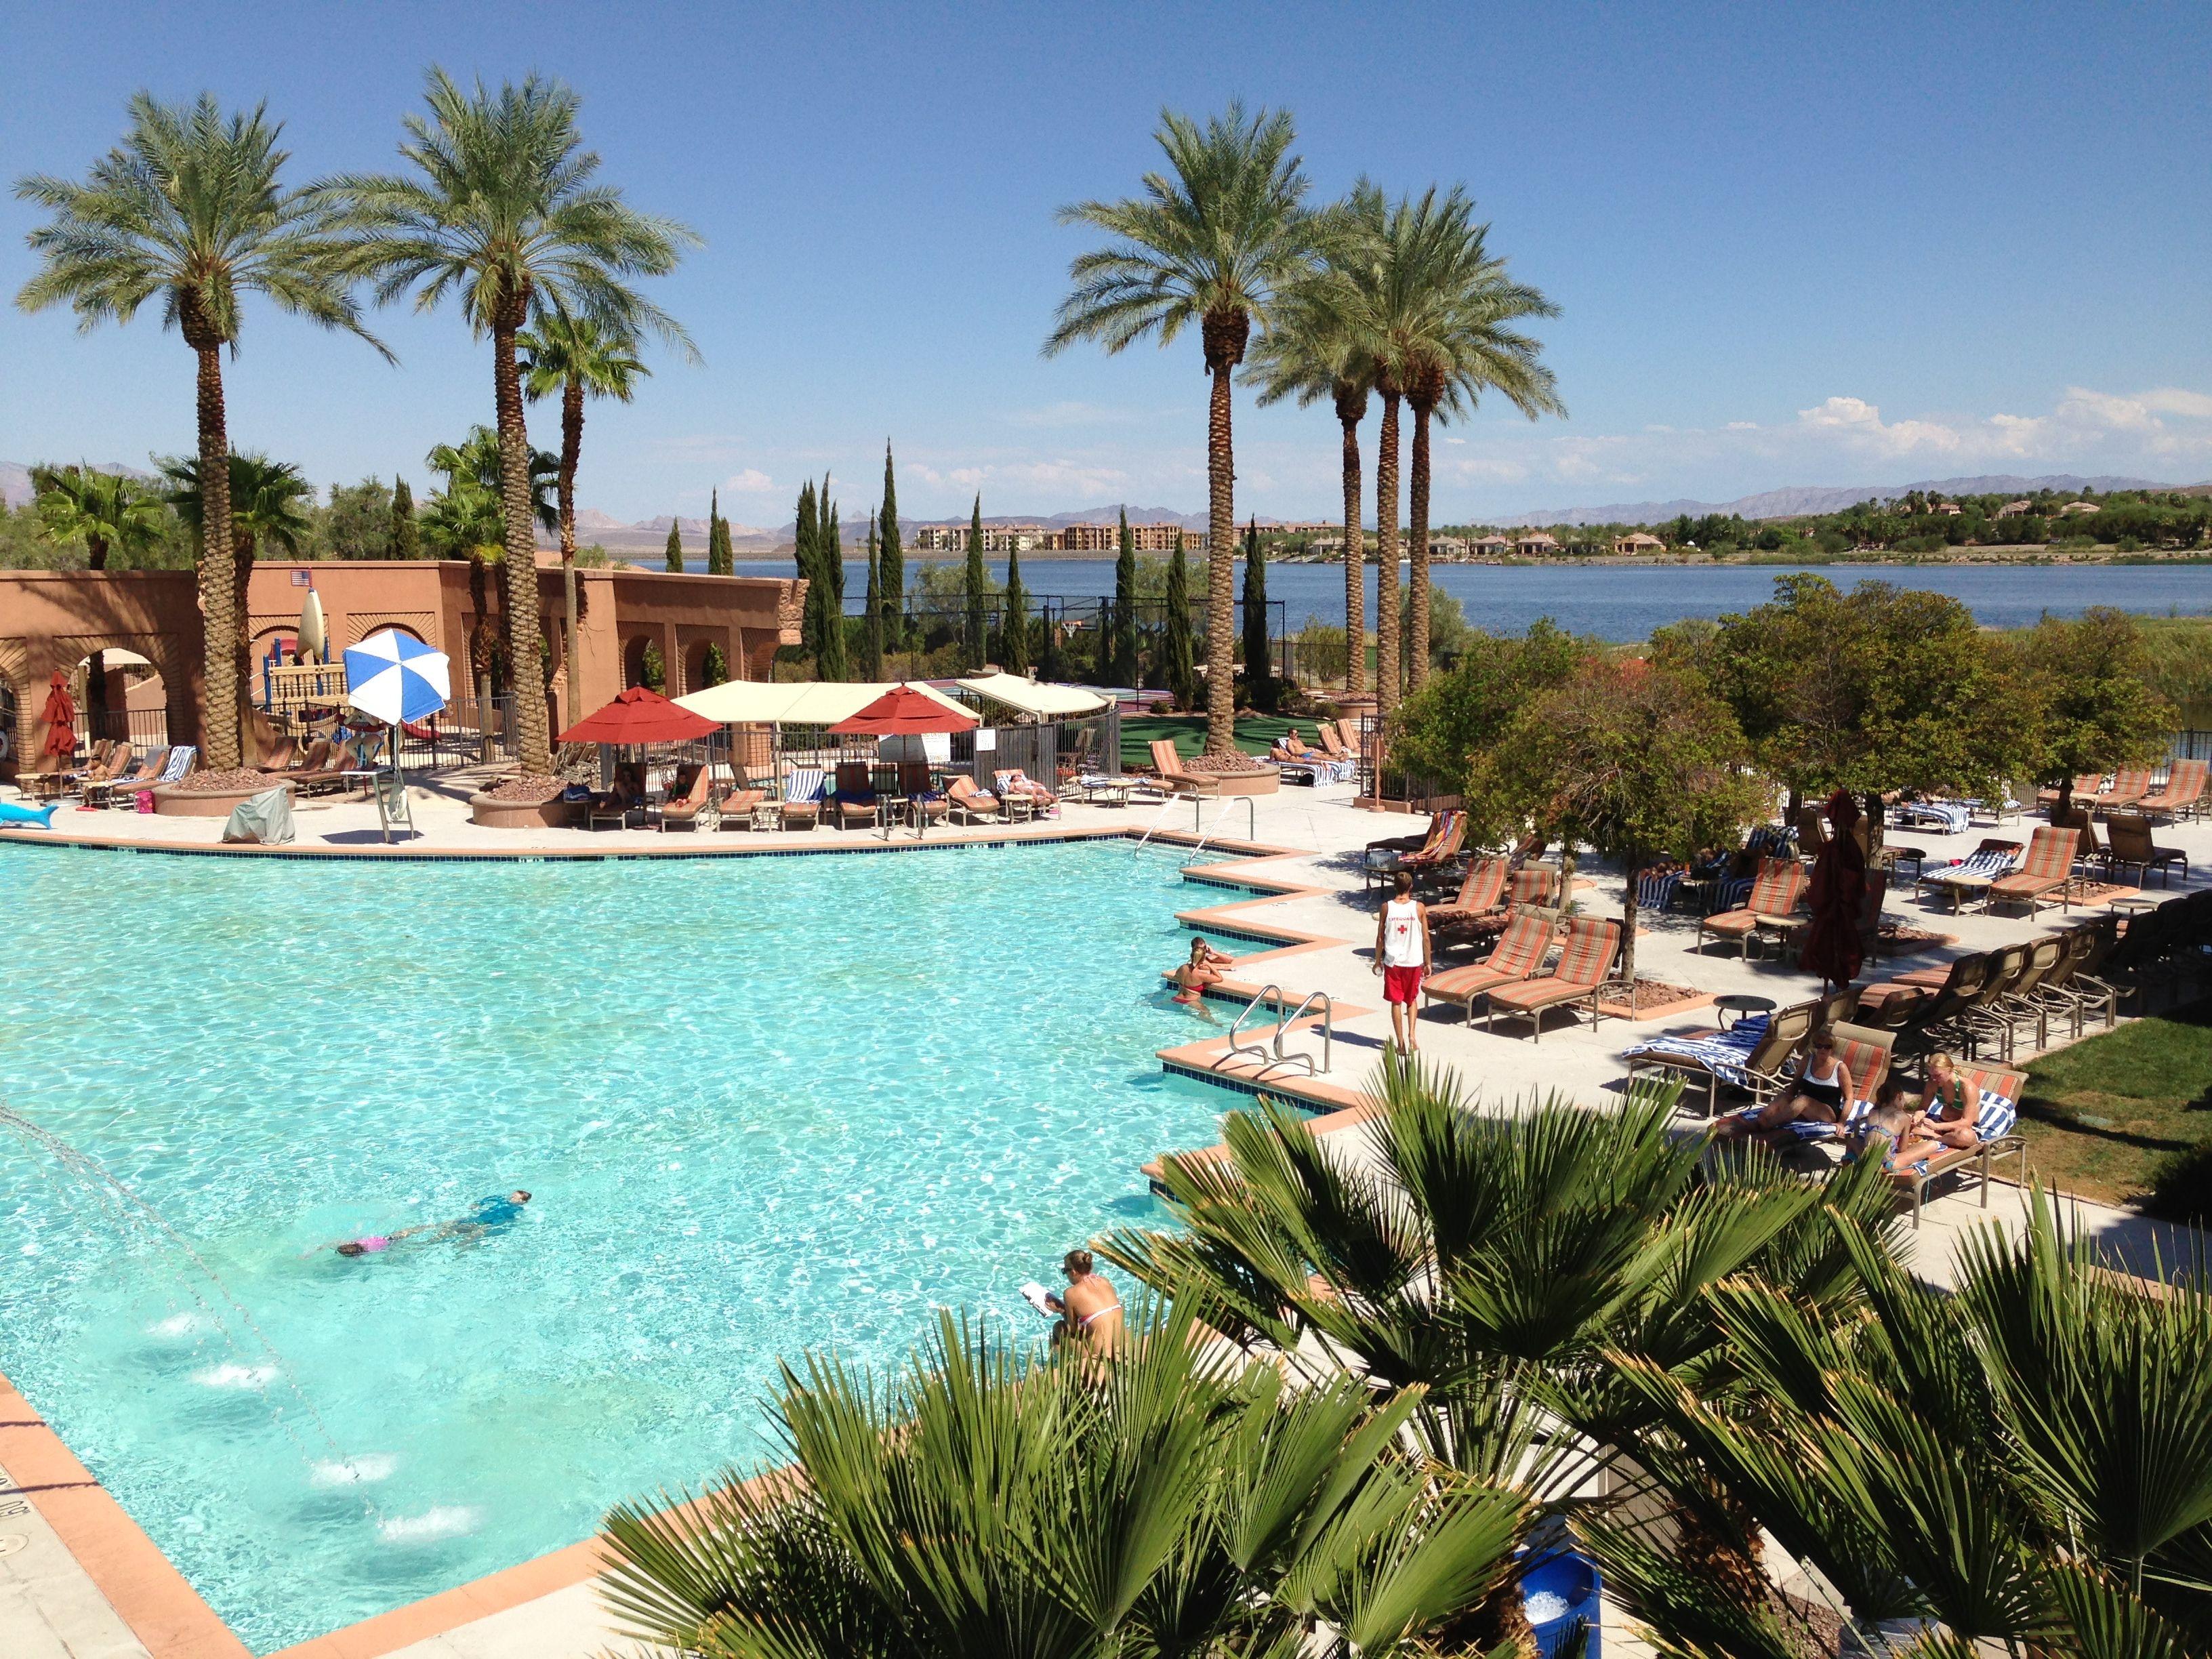 Resort Westin Lake Las Vegas